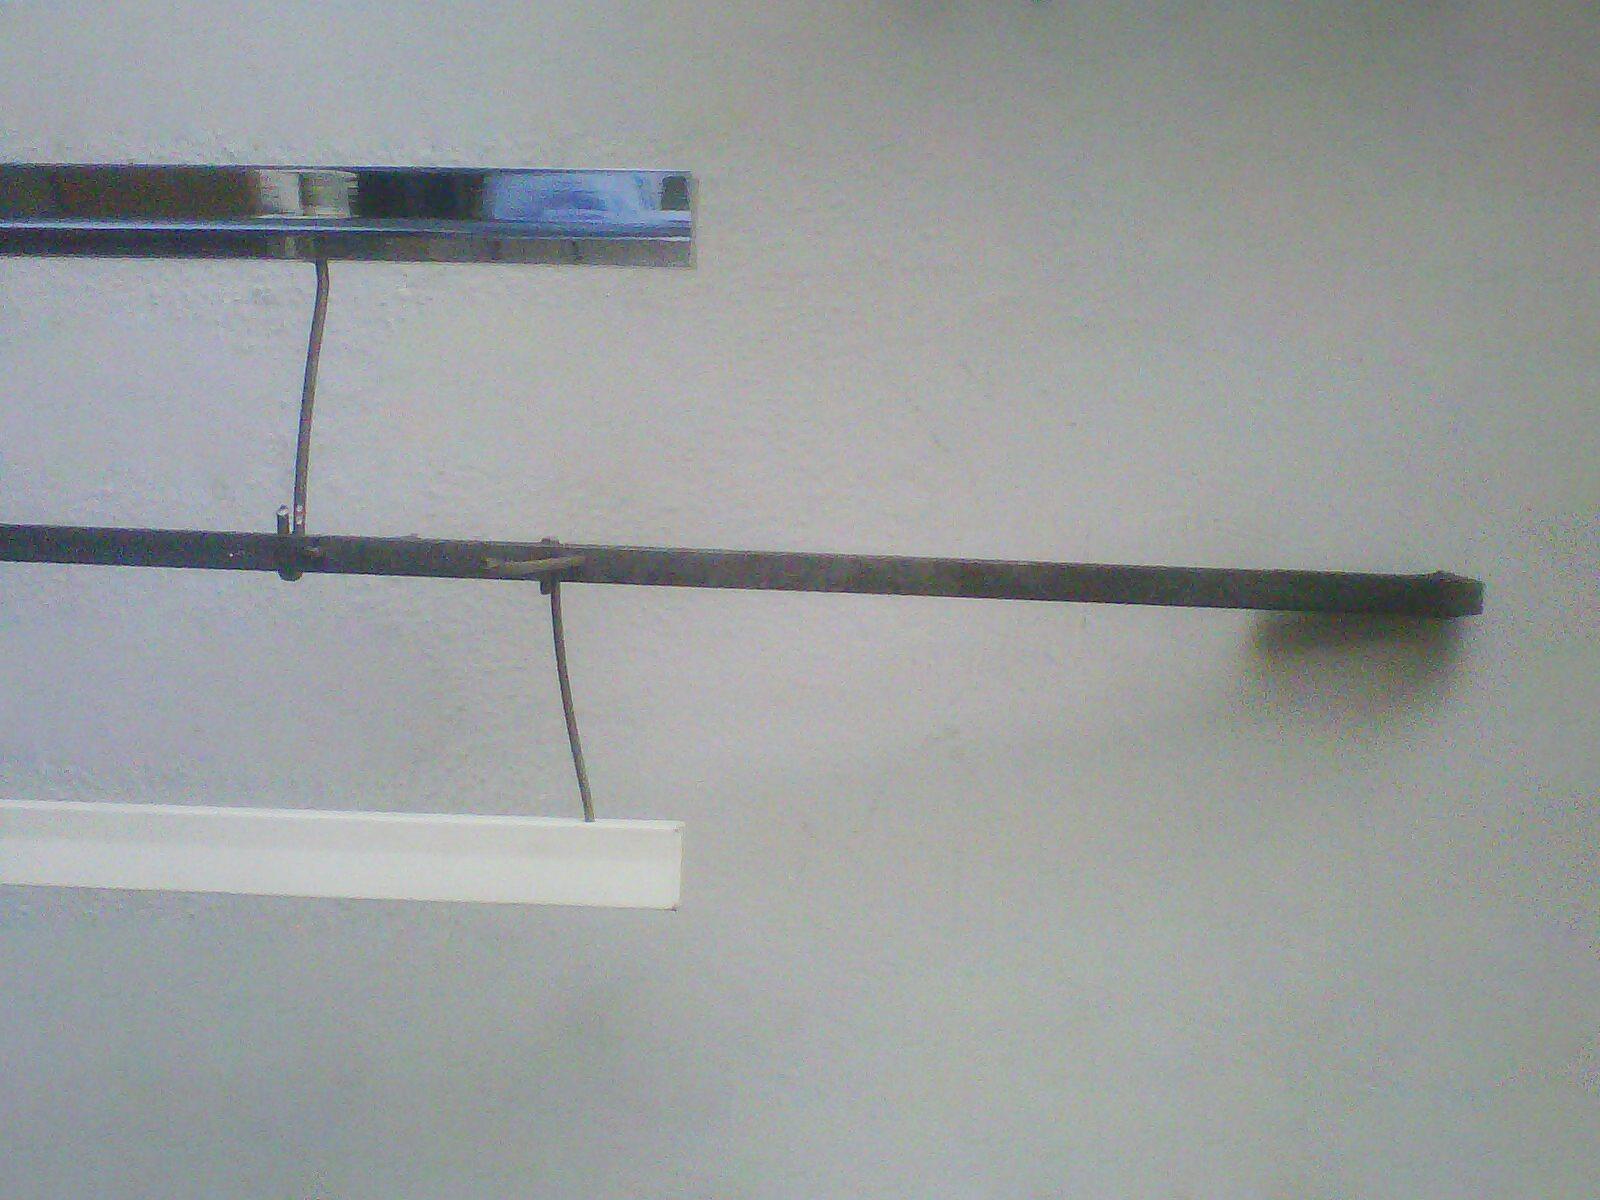 titanyum-eloksal-askilari-6.jpg